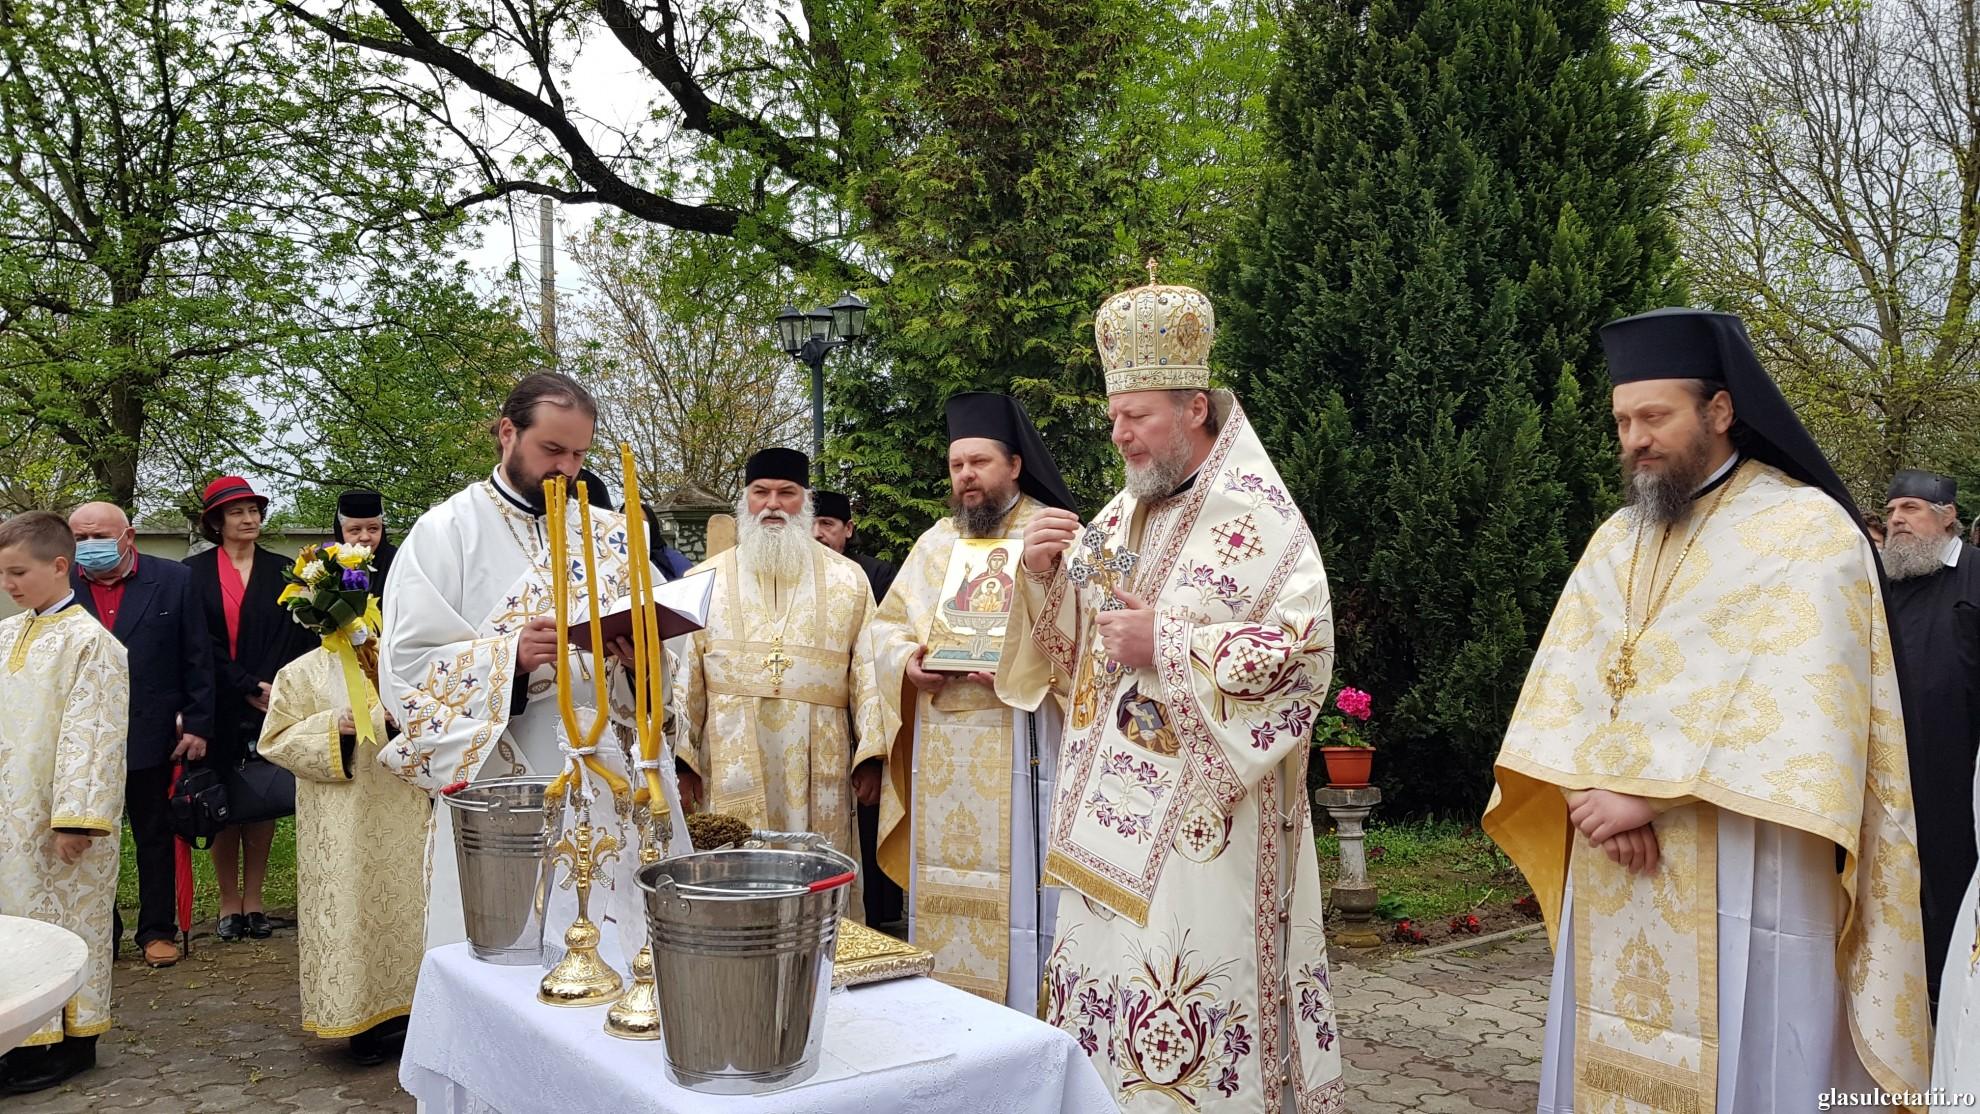 """(FOTO) PS Emilian, la Mănăstirea Bodrog: """"Izvorul Tămăduirii ne arată cum harul tămăduitor al lui Dumnezeu lucrează în Biserică pentru însănătoșirea oamenilor"""""""